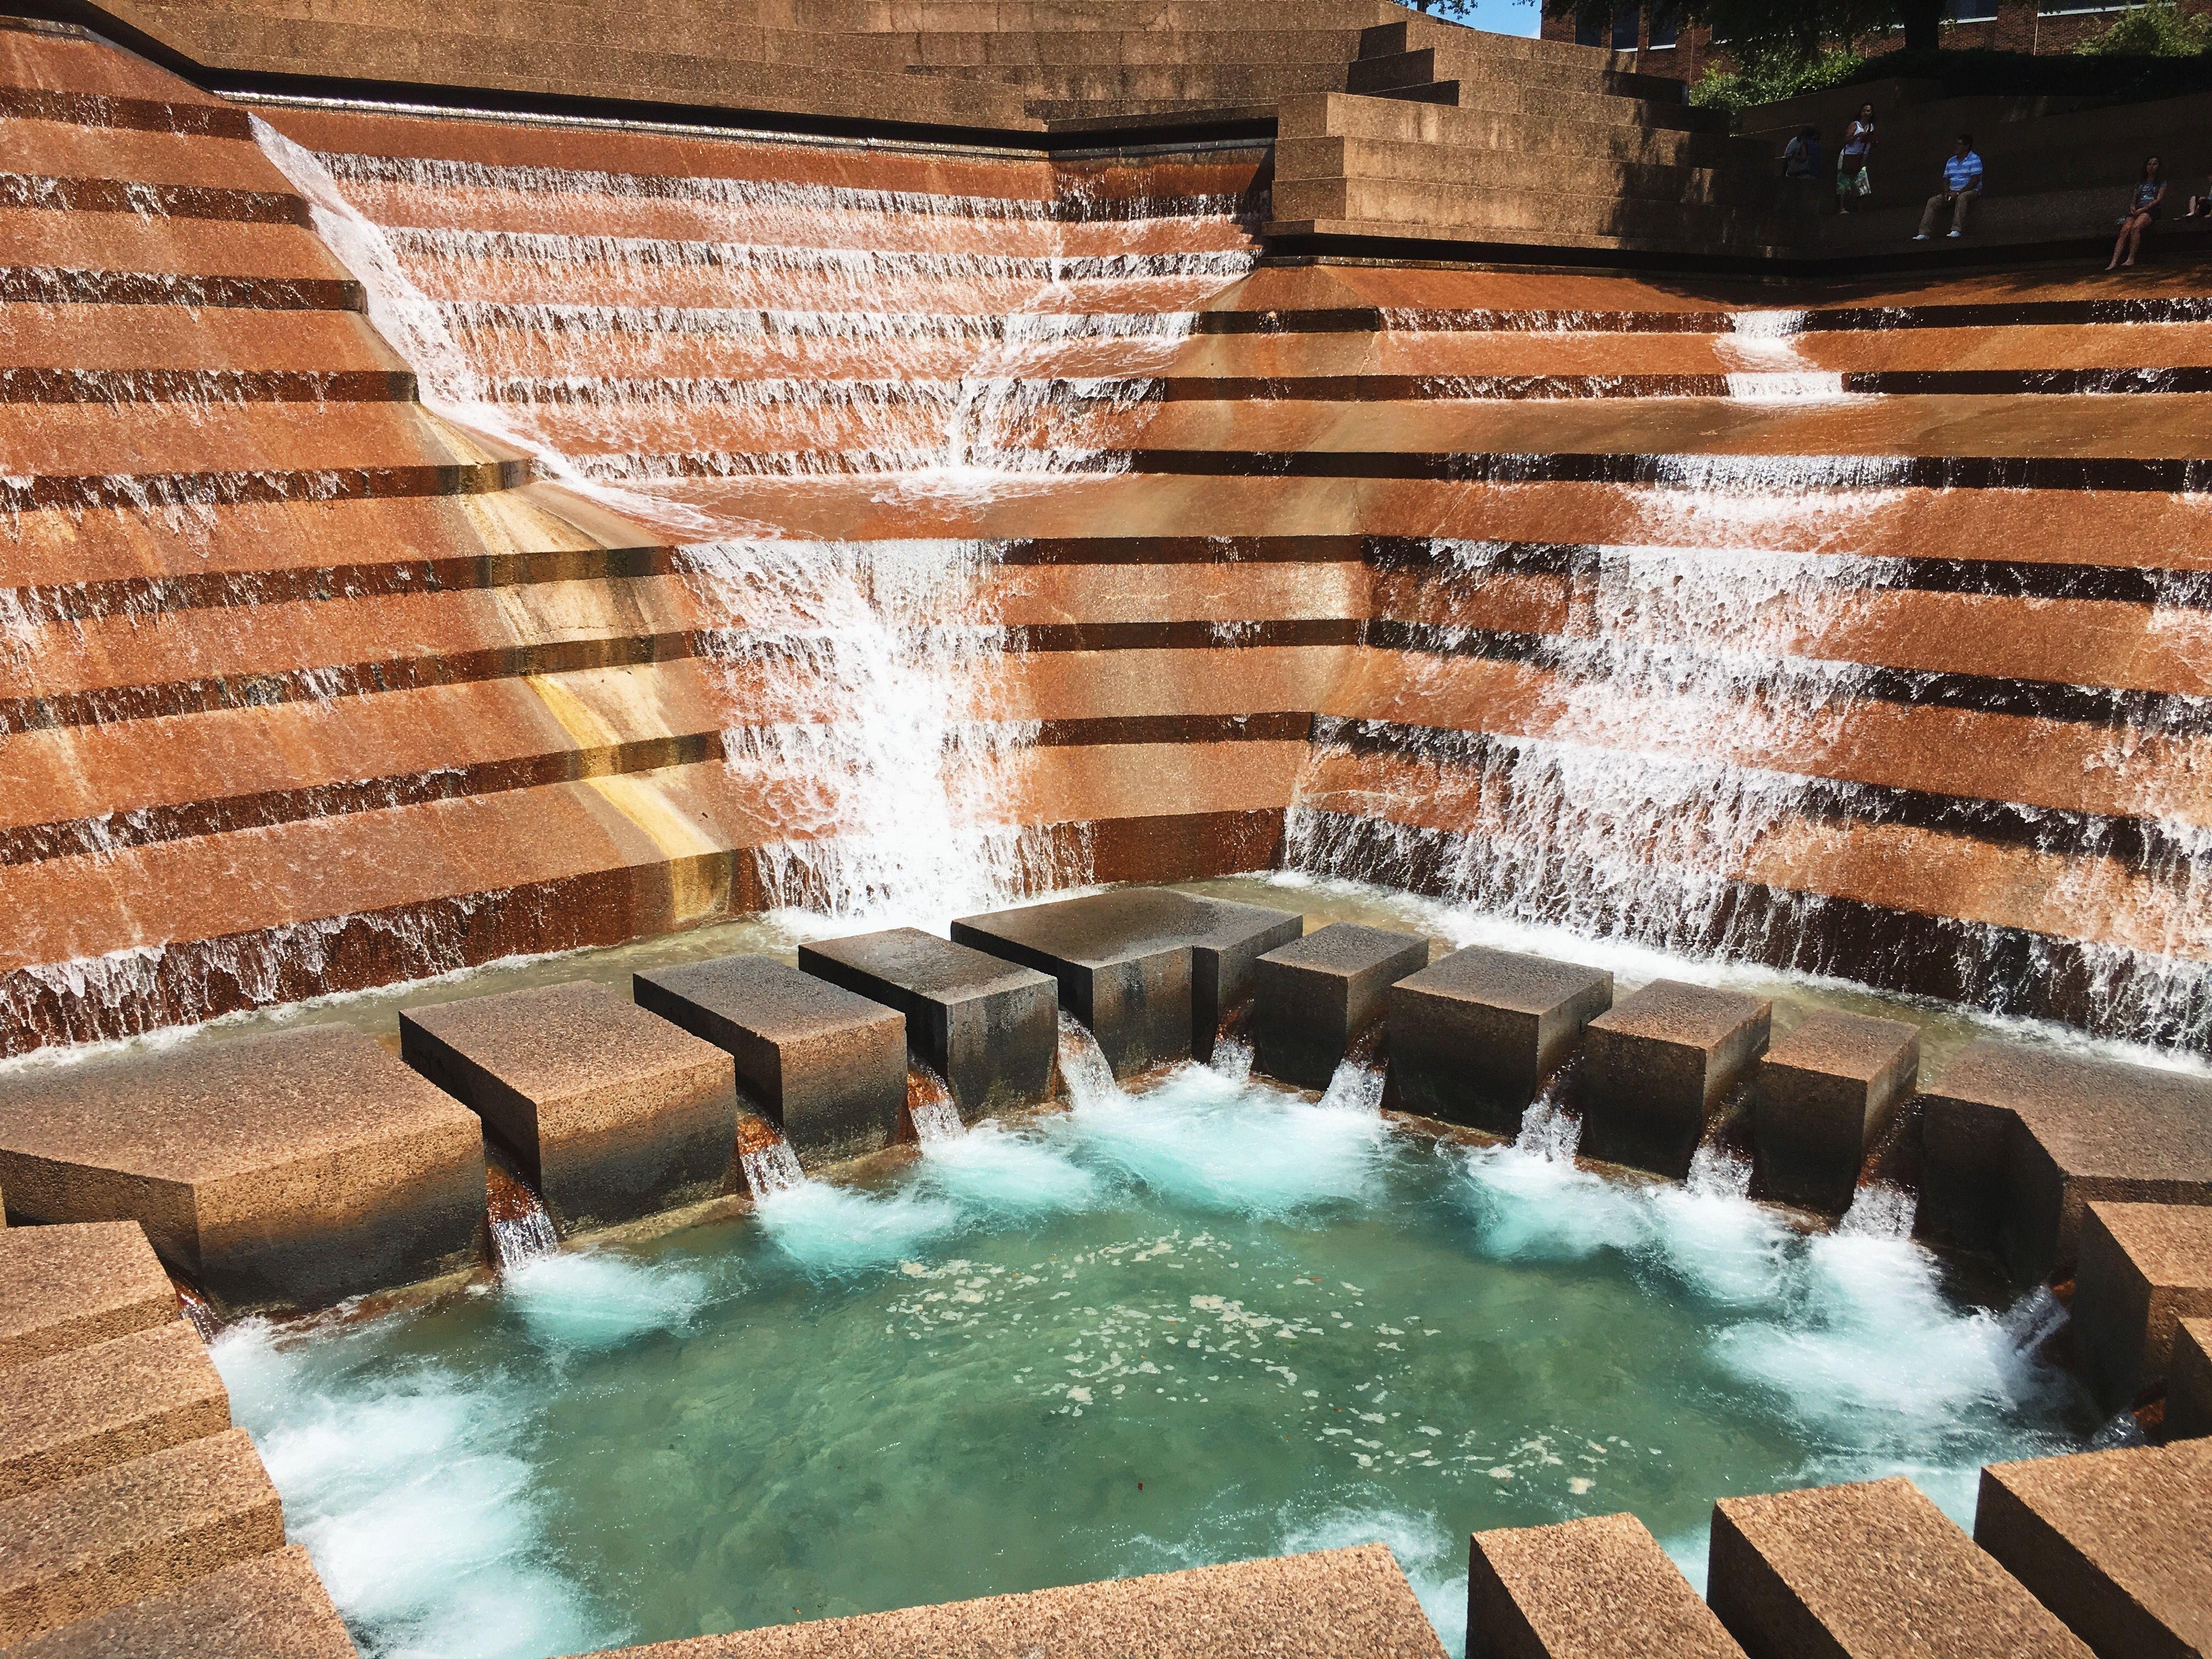 Fort worth water gardens fort worth water gardens